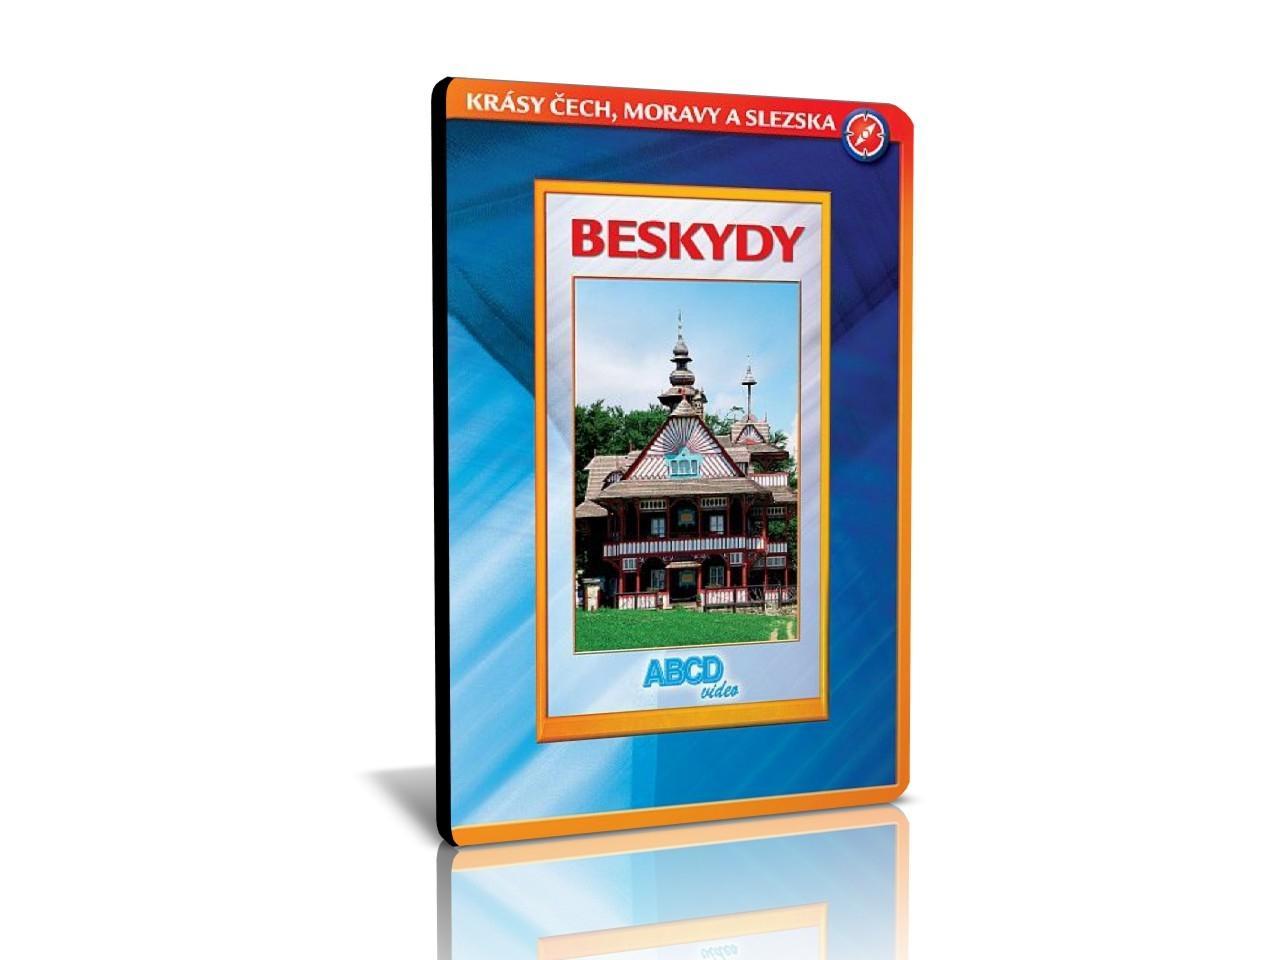 KRÁSY ČECH, MORAVY A SLEZSKA: Beskydy (DVD)